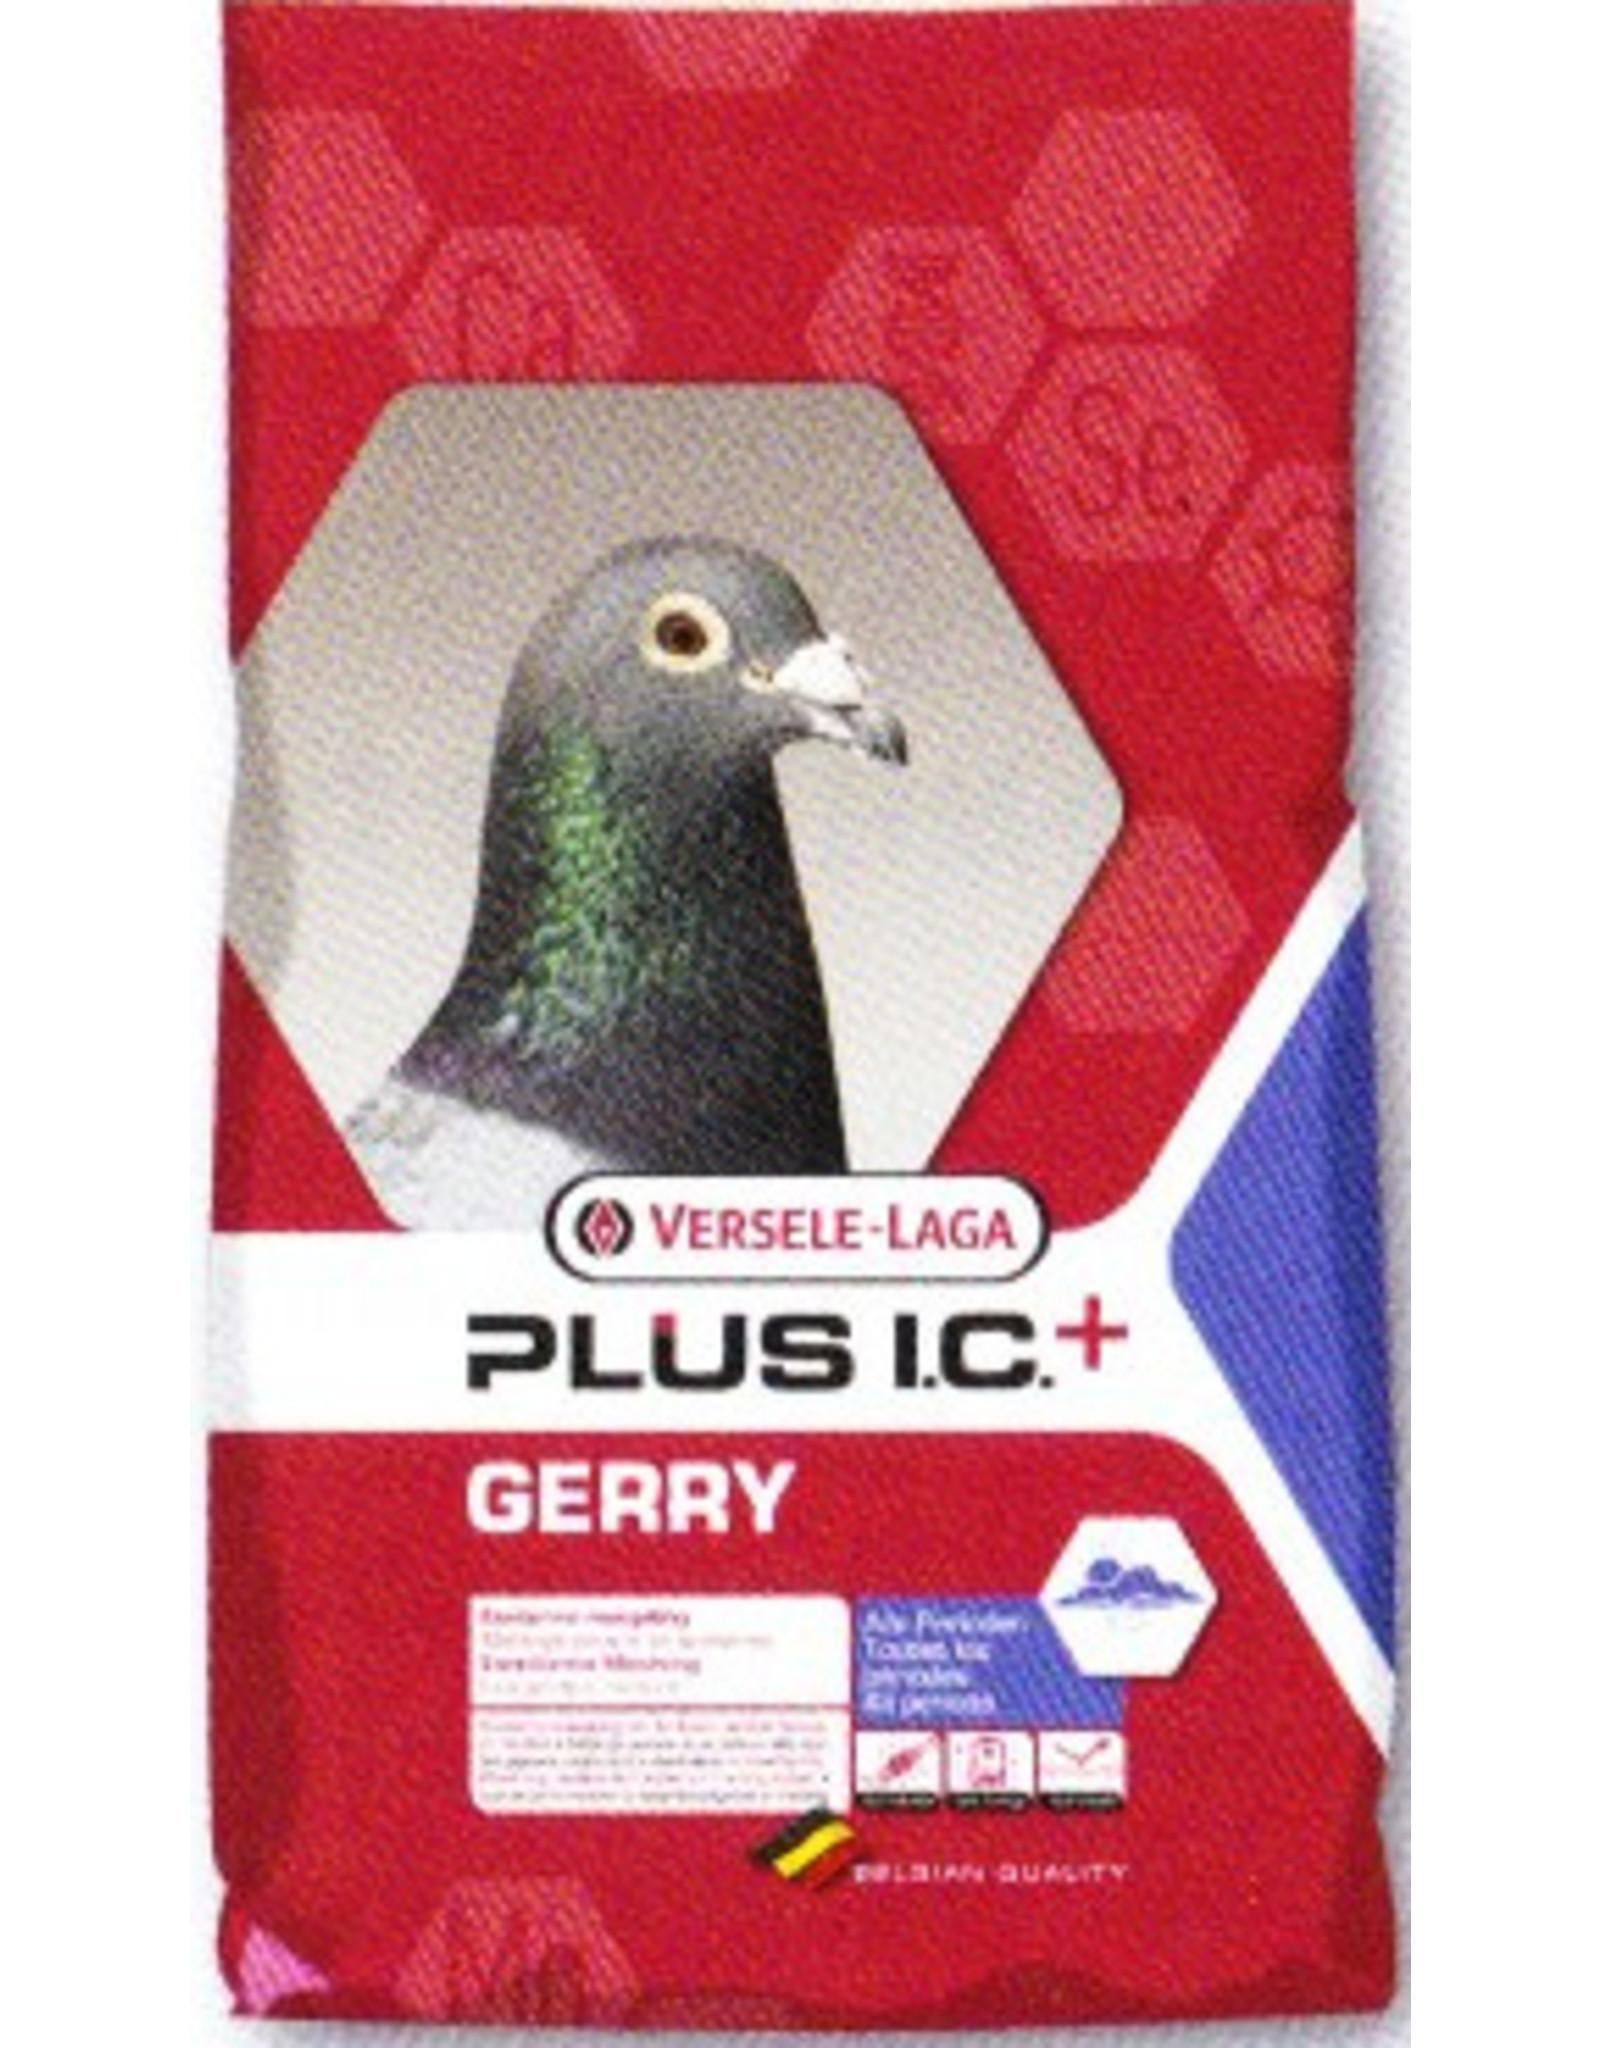 Versele laga Gerry Plus - 20 KG